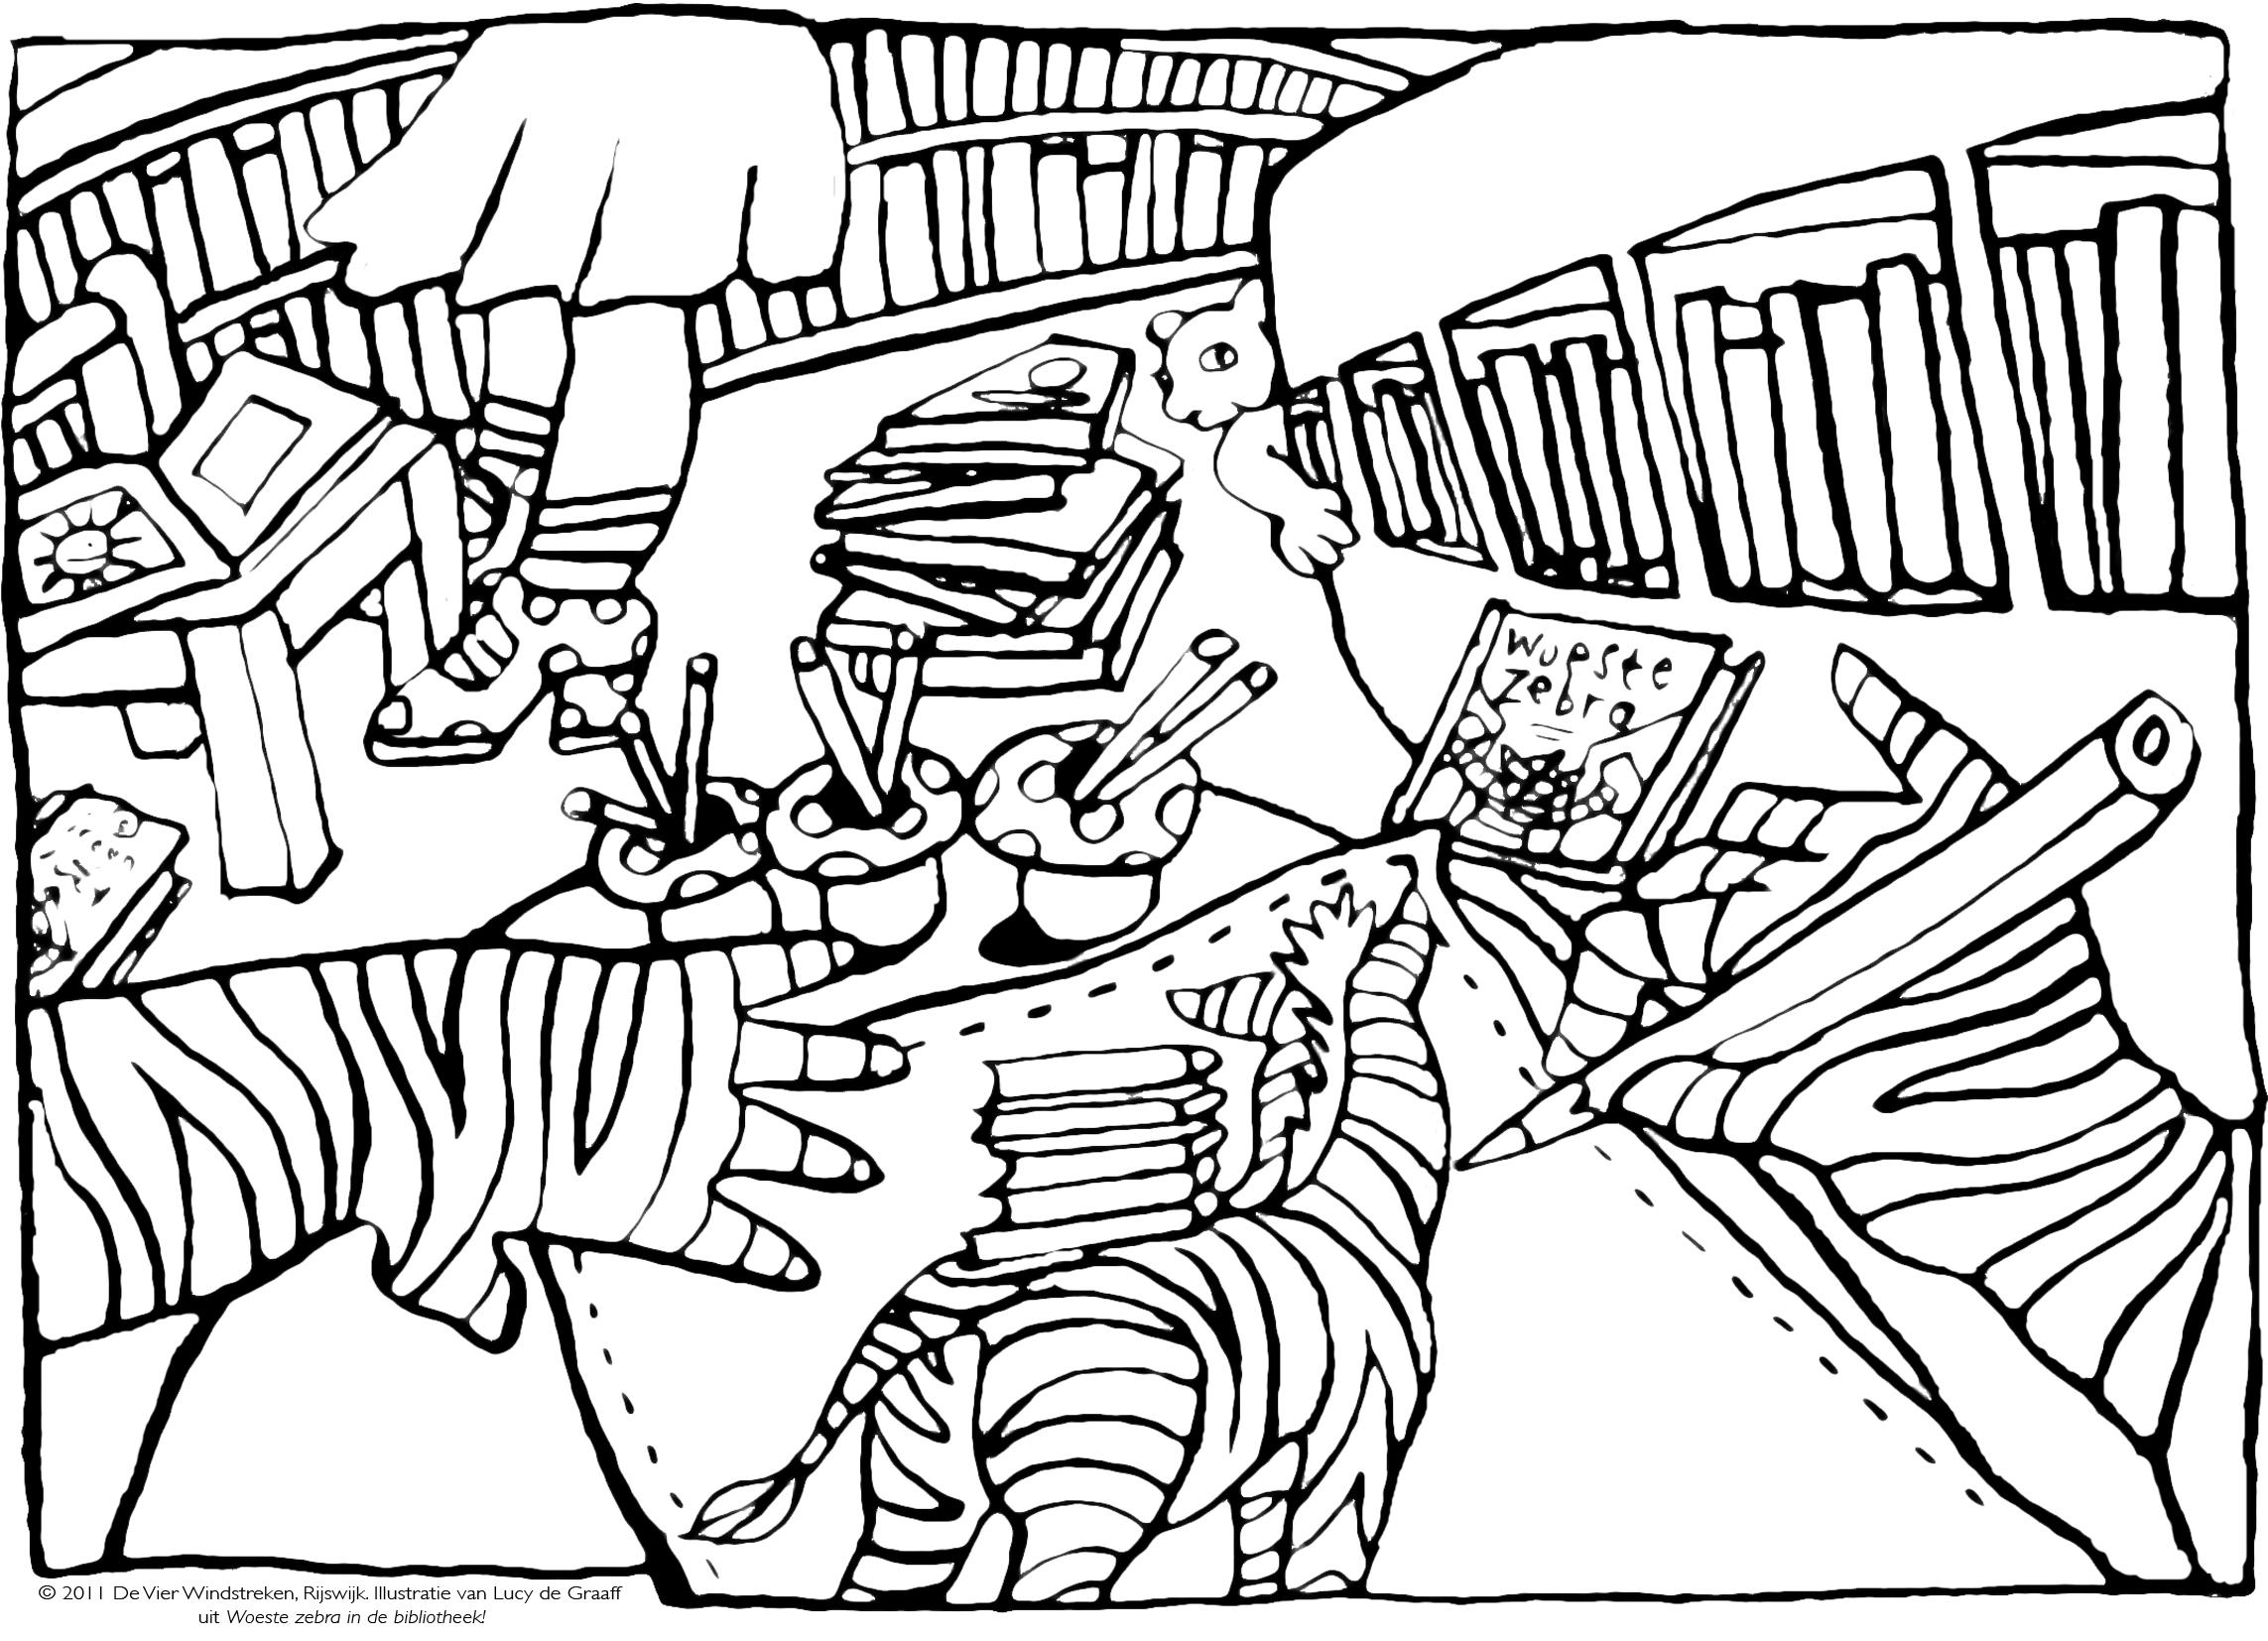 Kleurplaat Woeste zebra in de bibliotheek